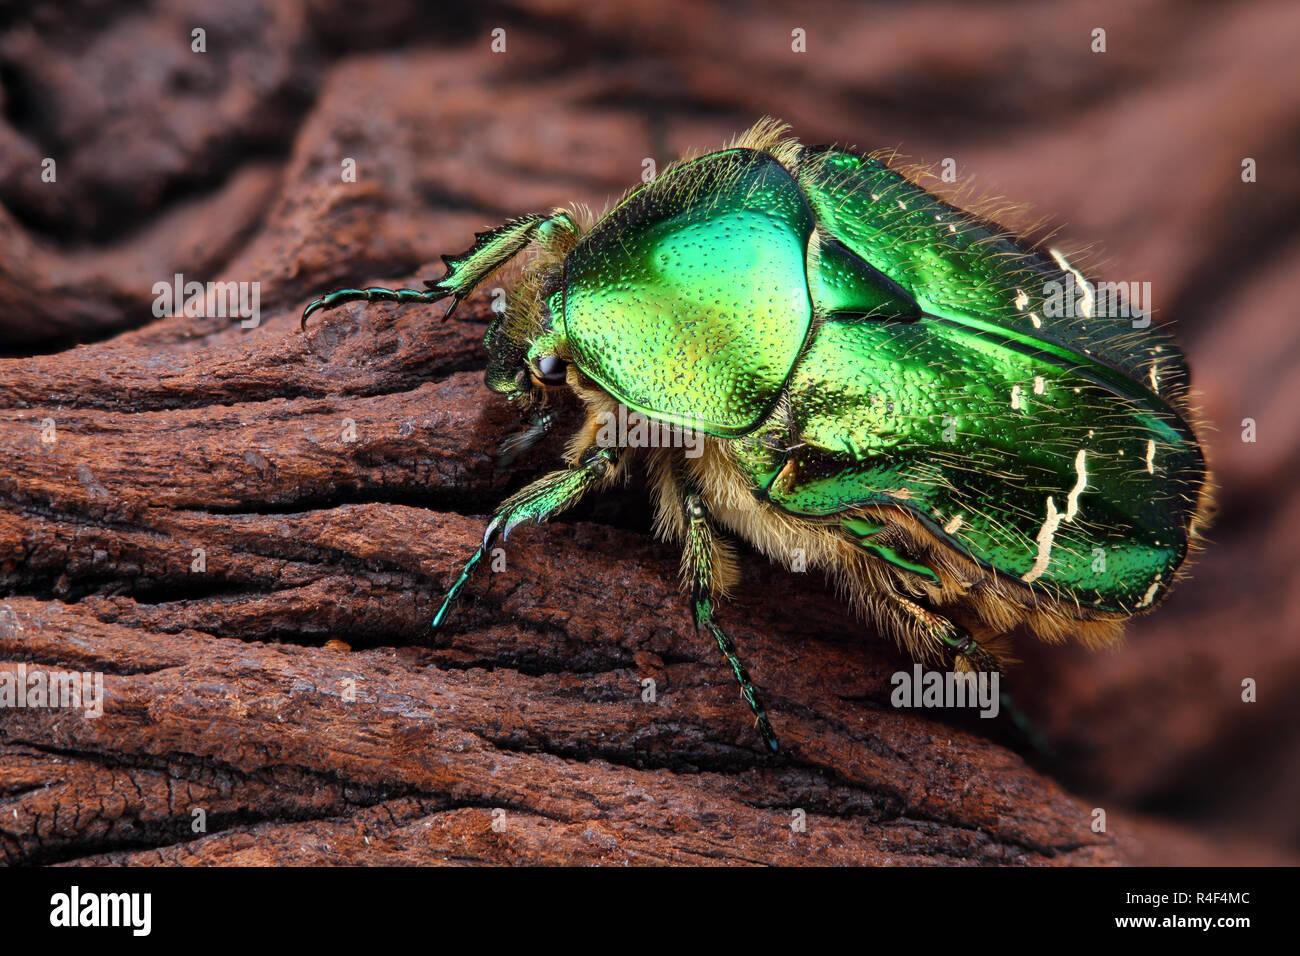 Extrem scharfe und detaillierte Foto von Skarabäus Insektennadeln (Cetonia aurata) Käfer. Das Bild wird von vielen Schüsse, die in einem scharfen Bild gestapelt. Stockbild